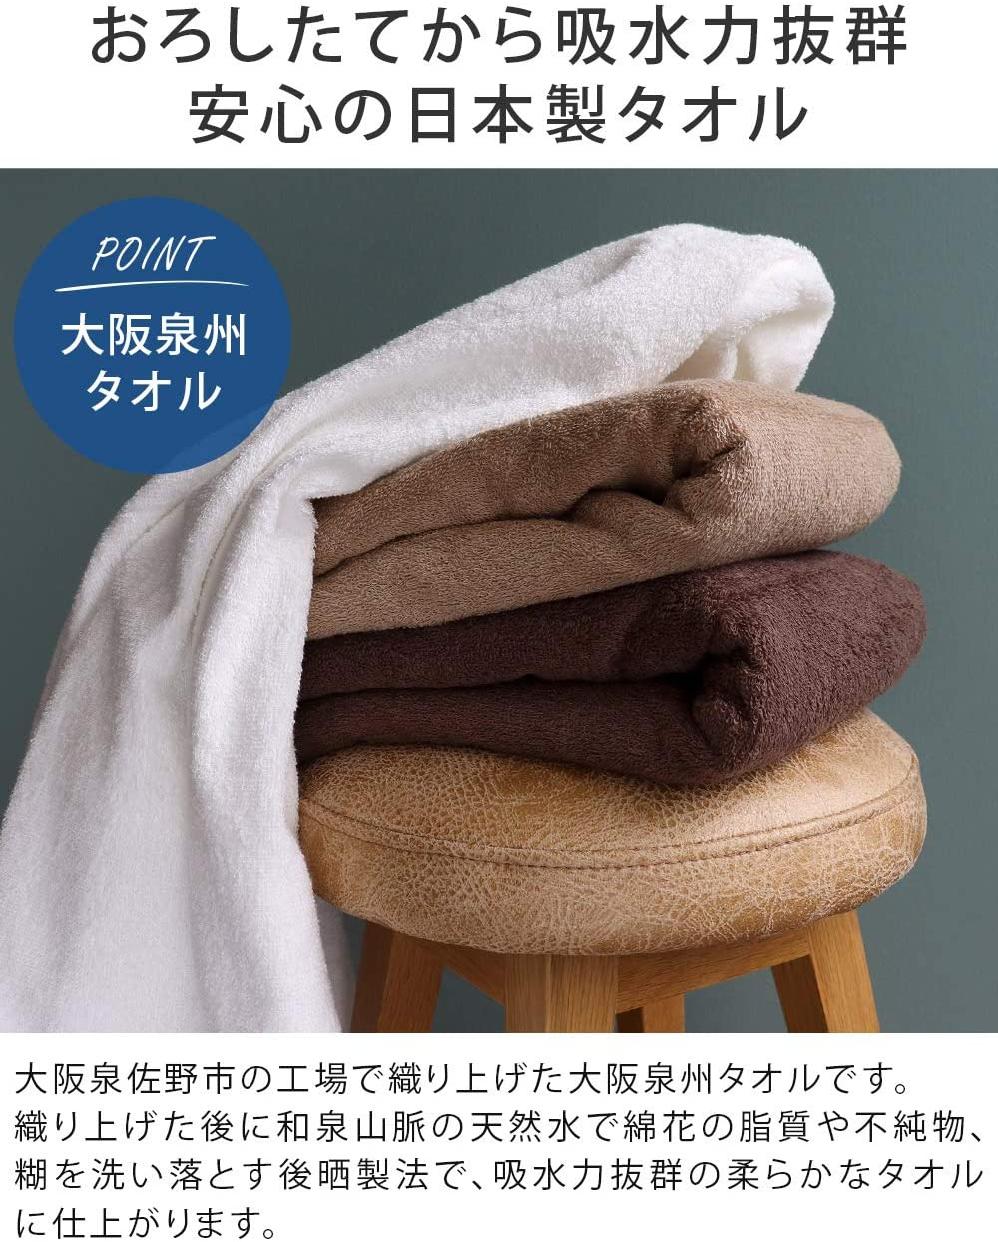 泉州タオル(センシュウタオル) バスタオル 日本製 業務用の商品画像3